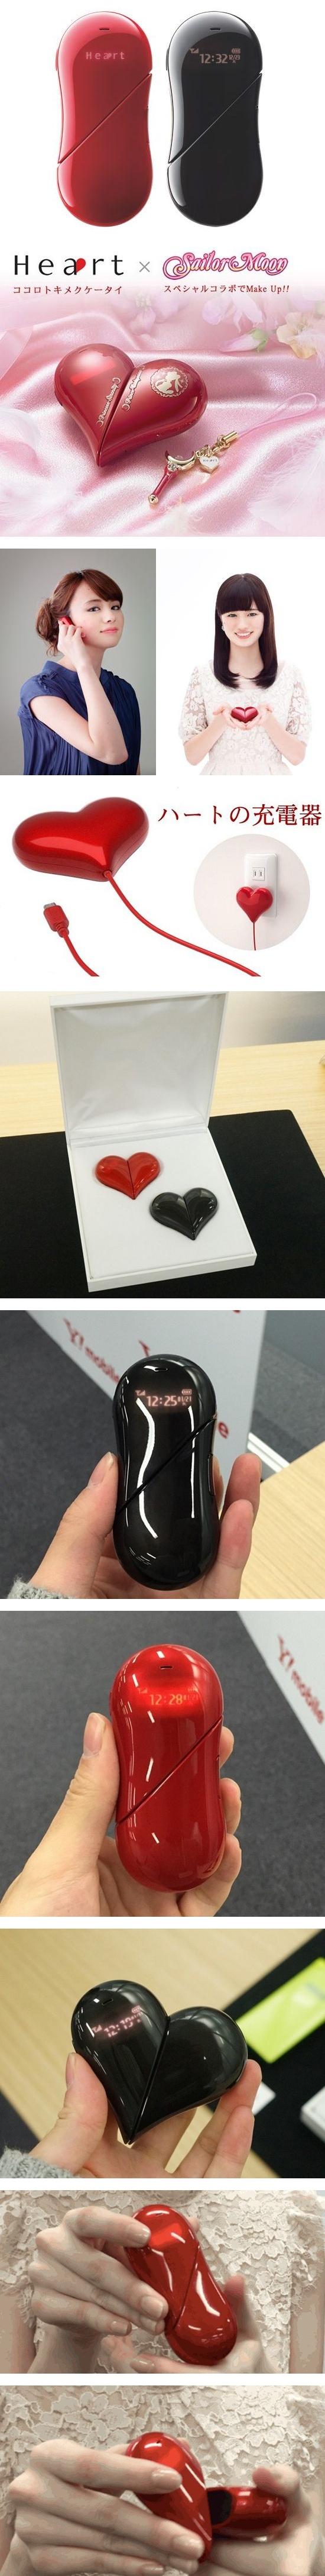 Heart 401AB